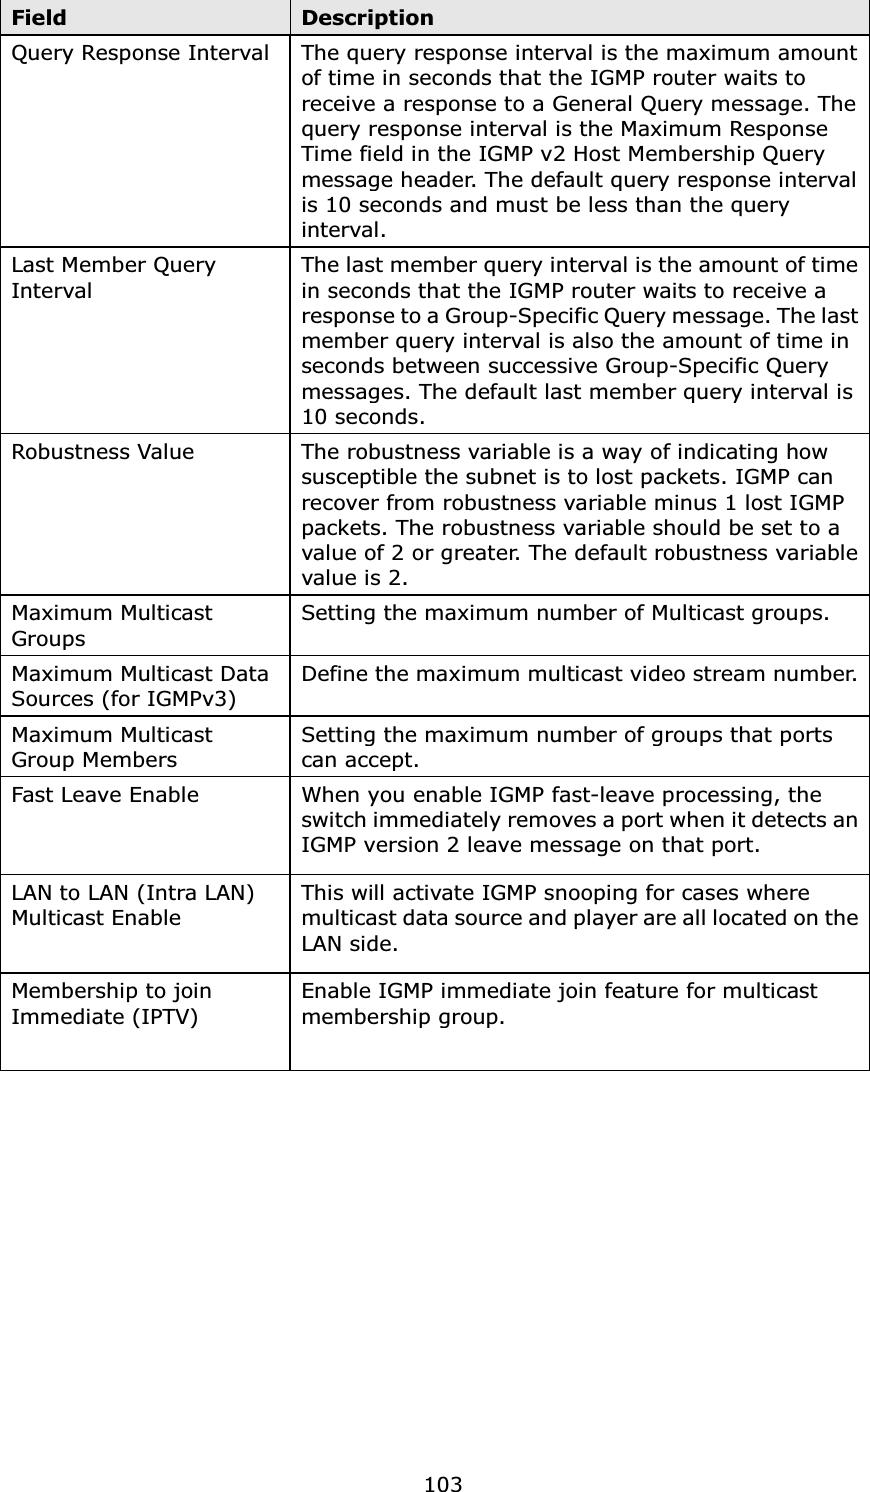 Comtrend AR-5312U A/VDSL Bonded Router User Manual UM AR5312u A1 0 FCC